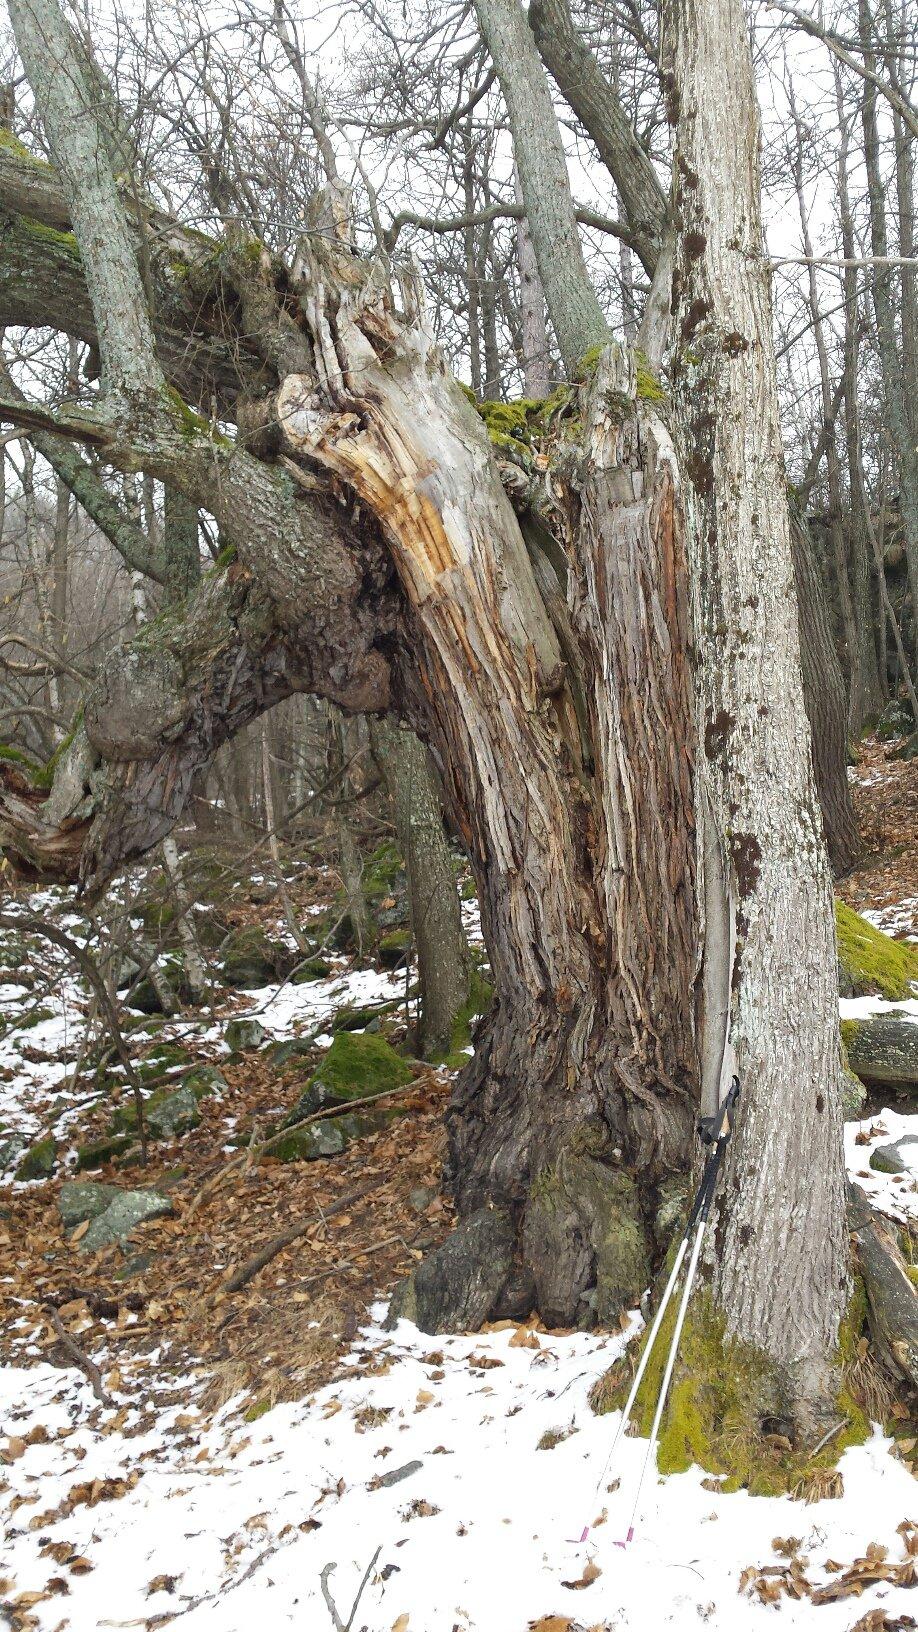 alberi...particolari...